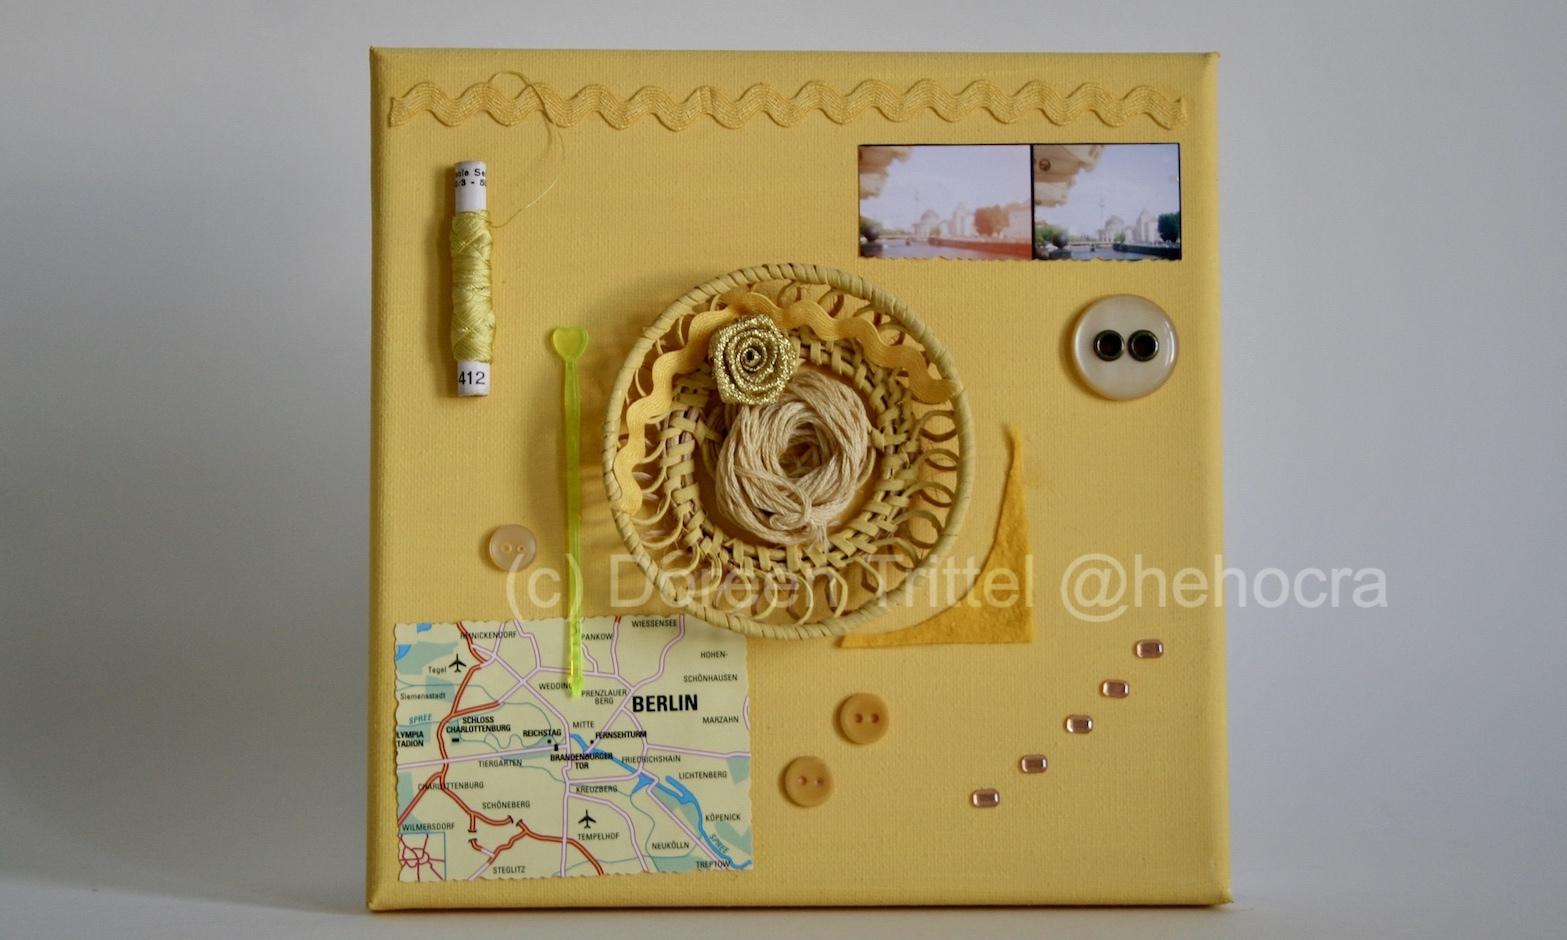 Erinnerungen gelb, Collage auf Leinwand, (c) Doreen Trittel